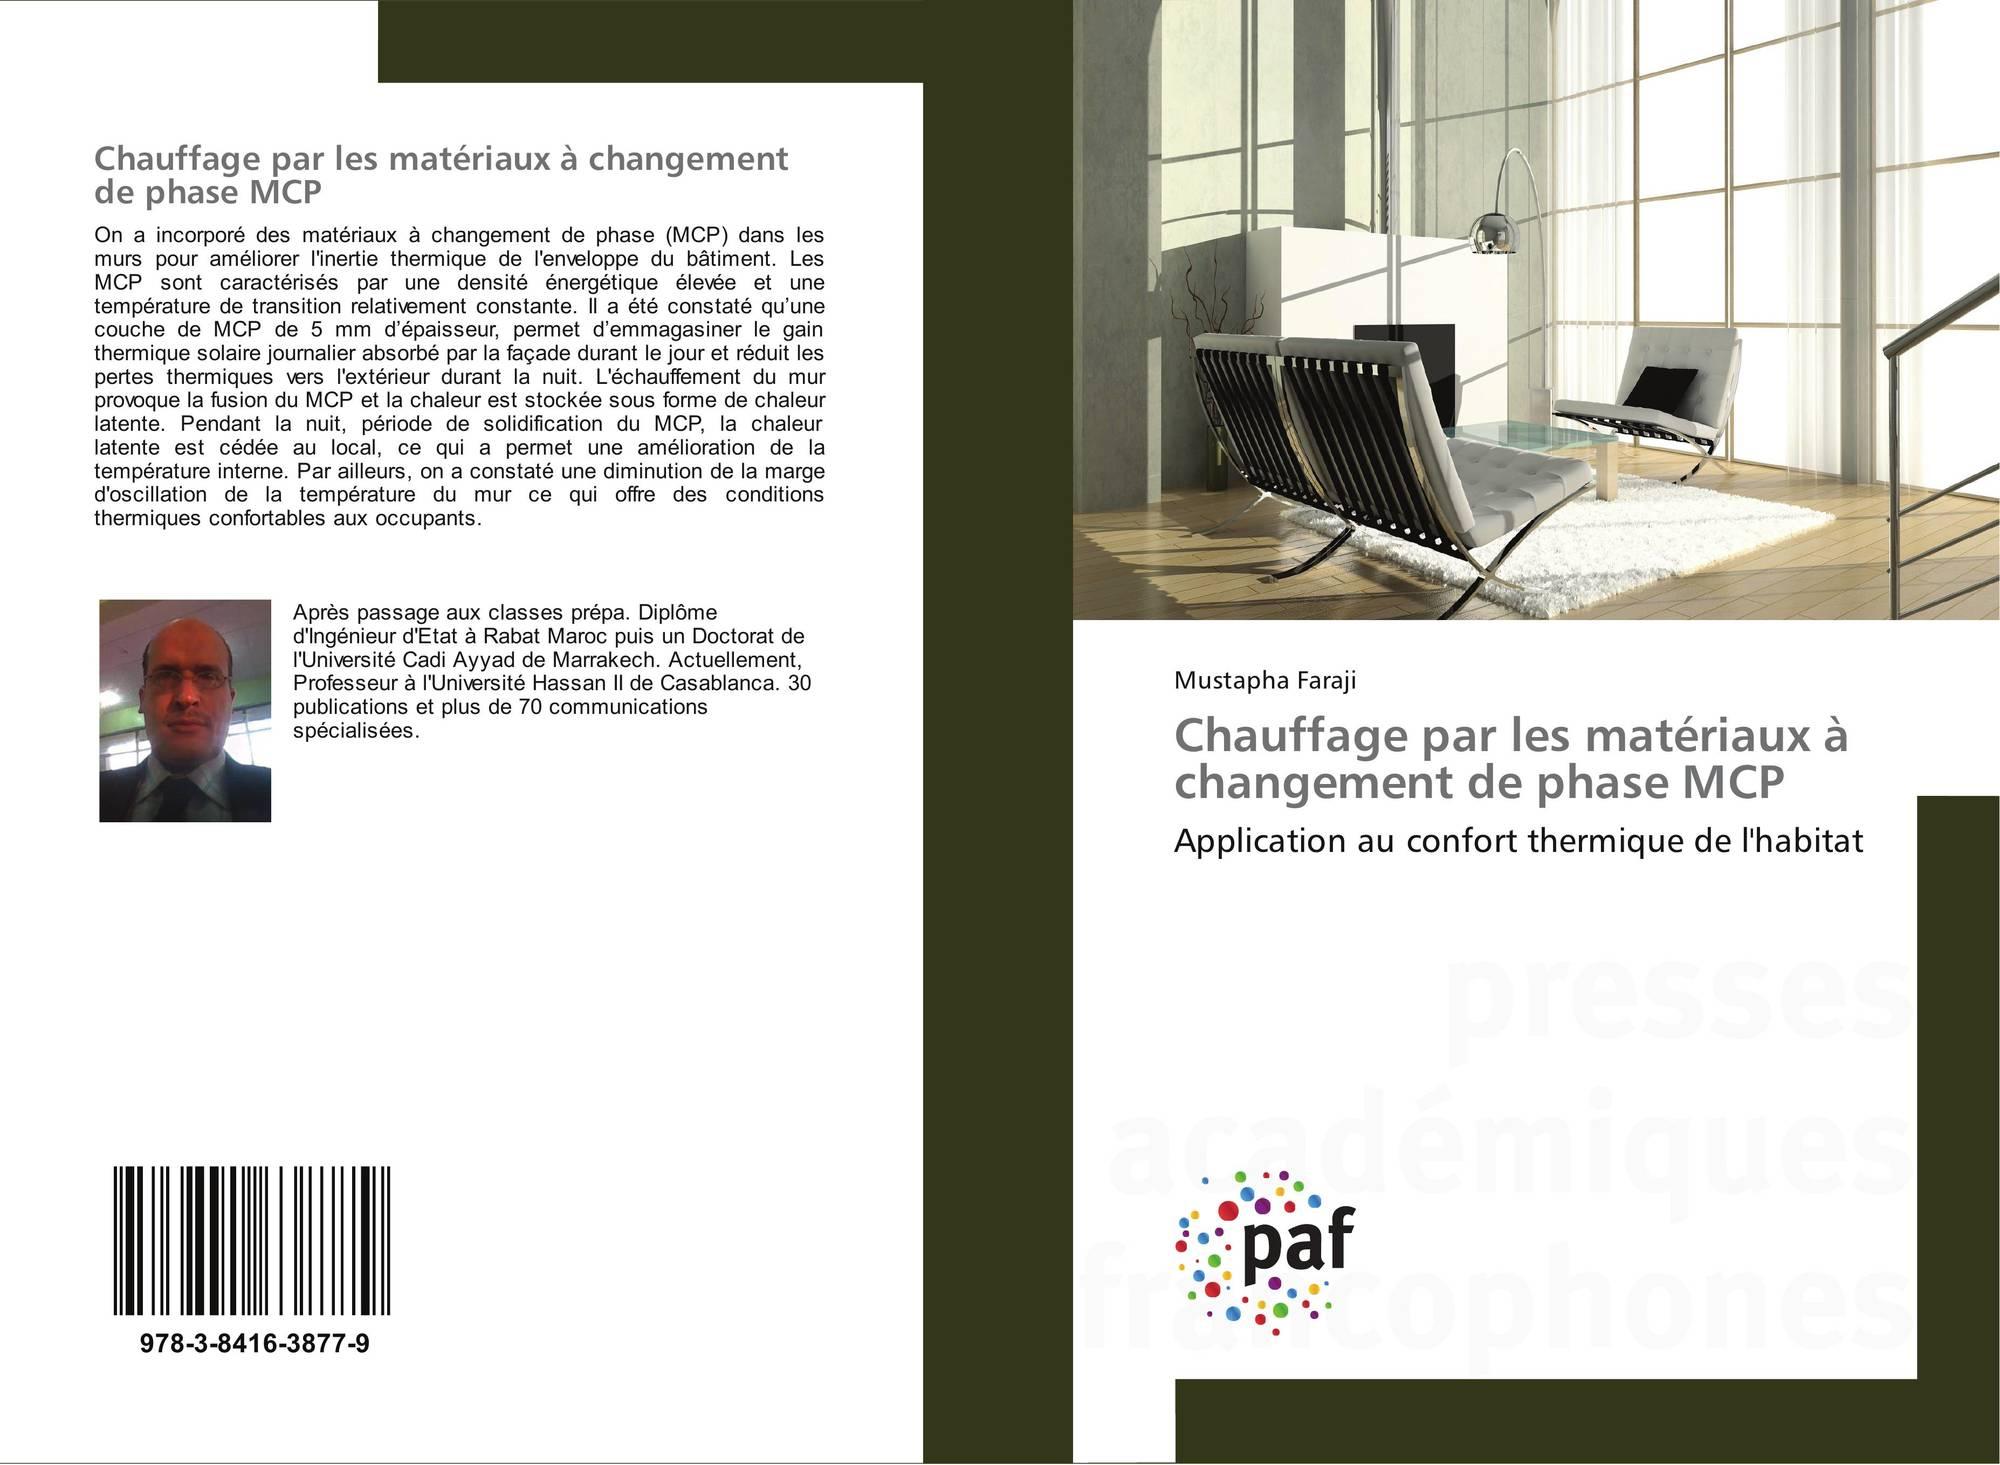 chauffage par les mat riaux changement de phase mcp 978 3 8416 3877 9 3841638775. Black Bedroom Furniture Sets. Home Design Ideas